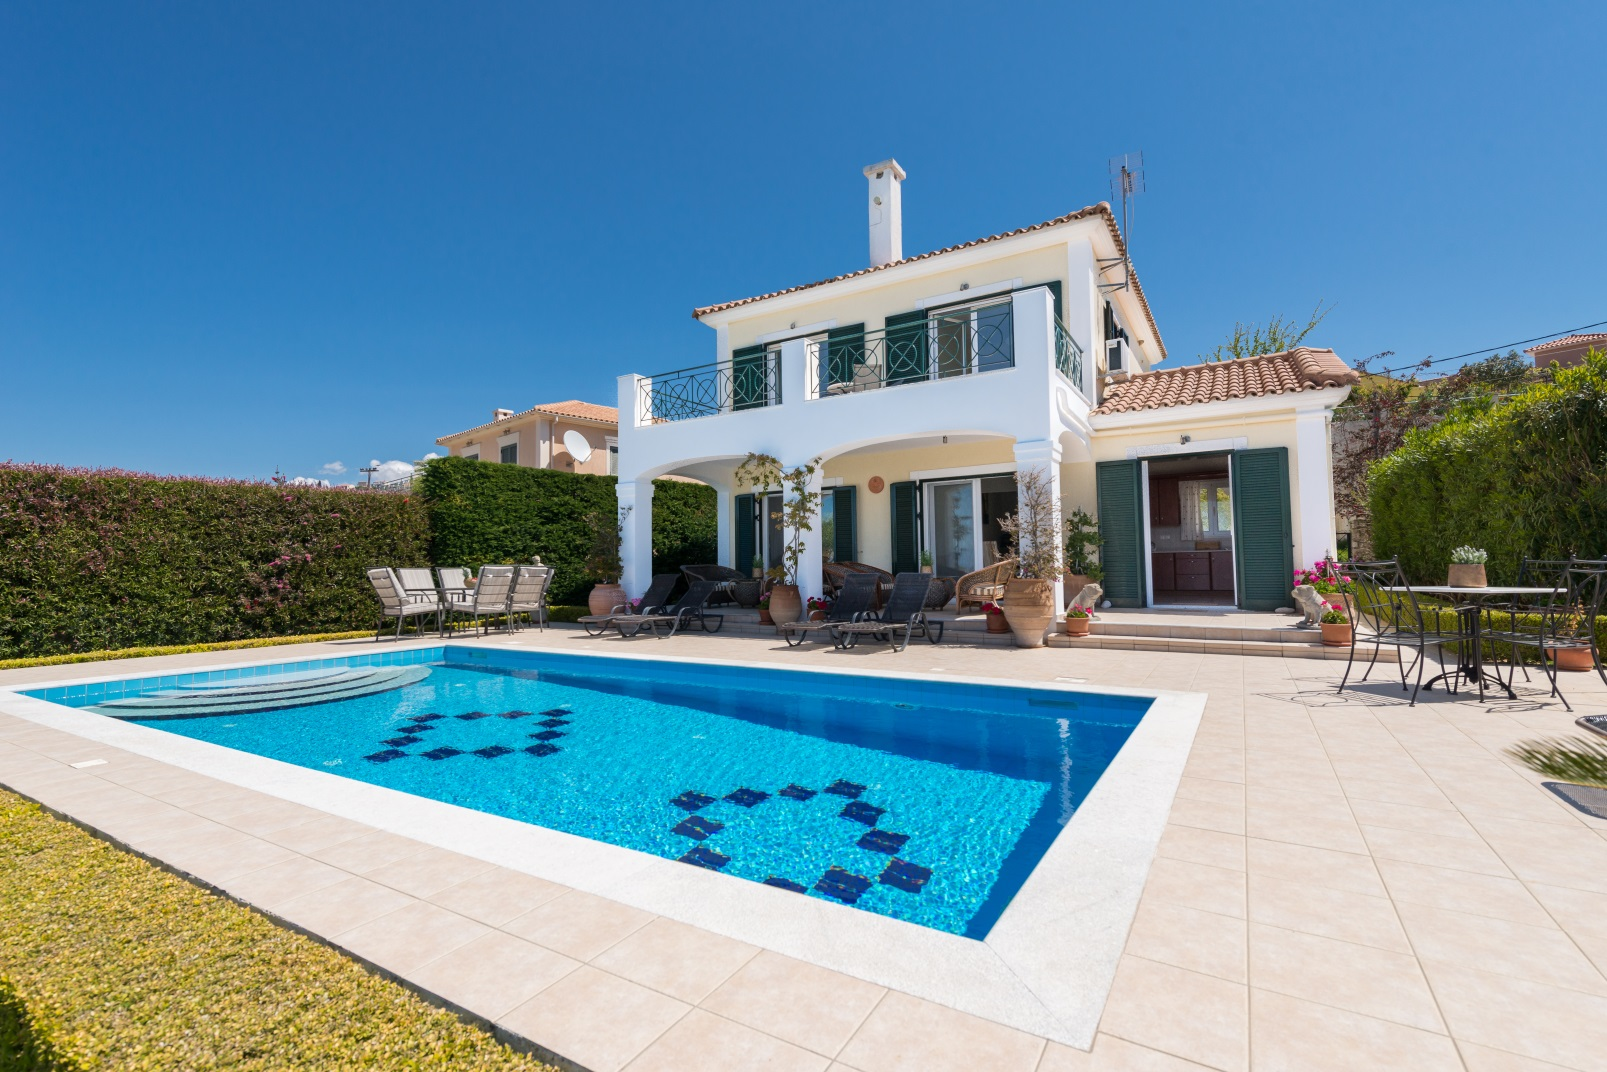 Villa Mera